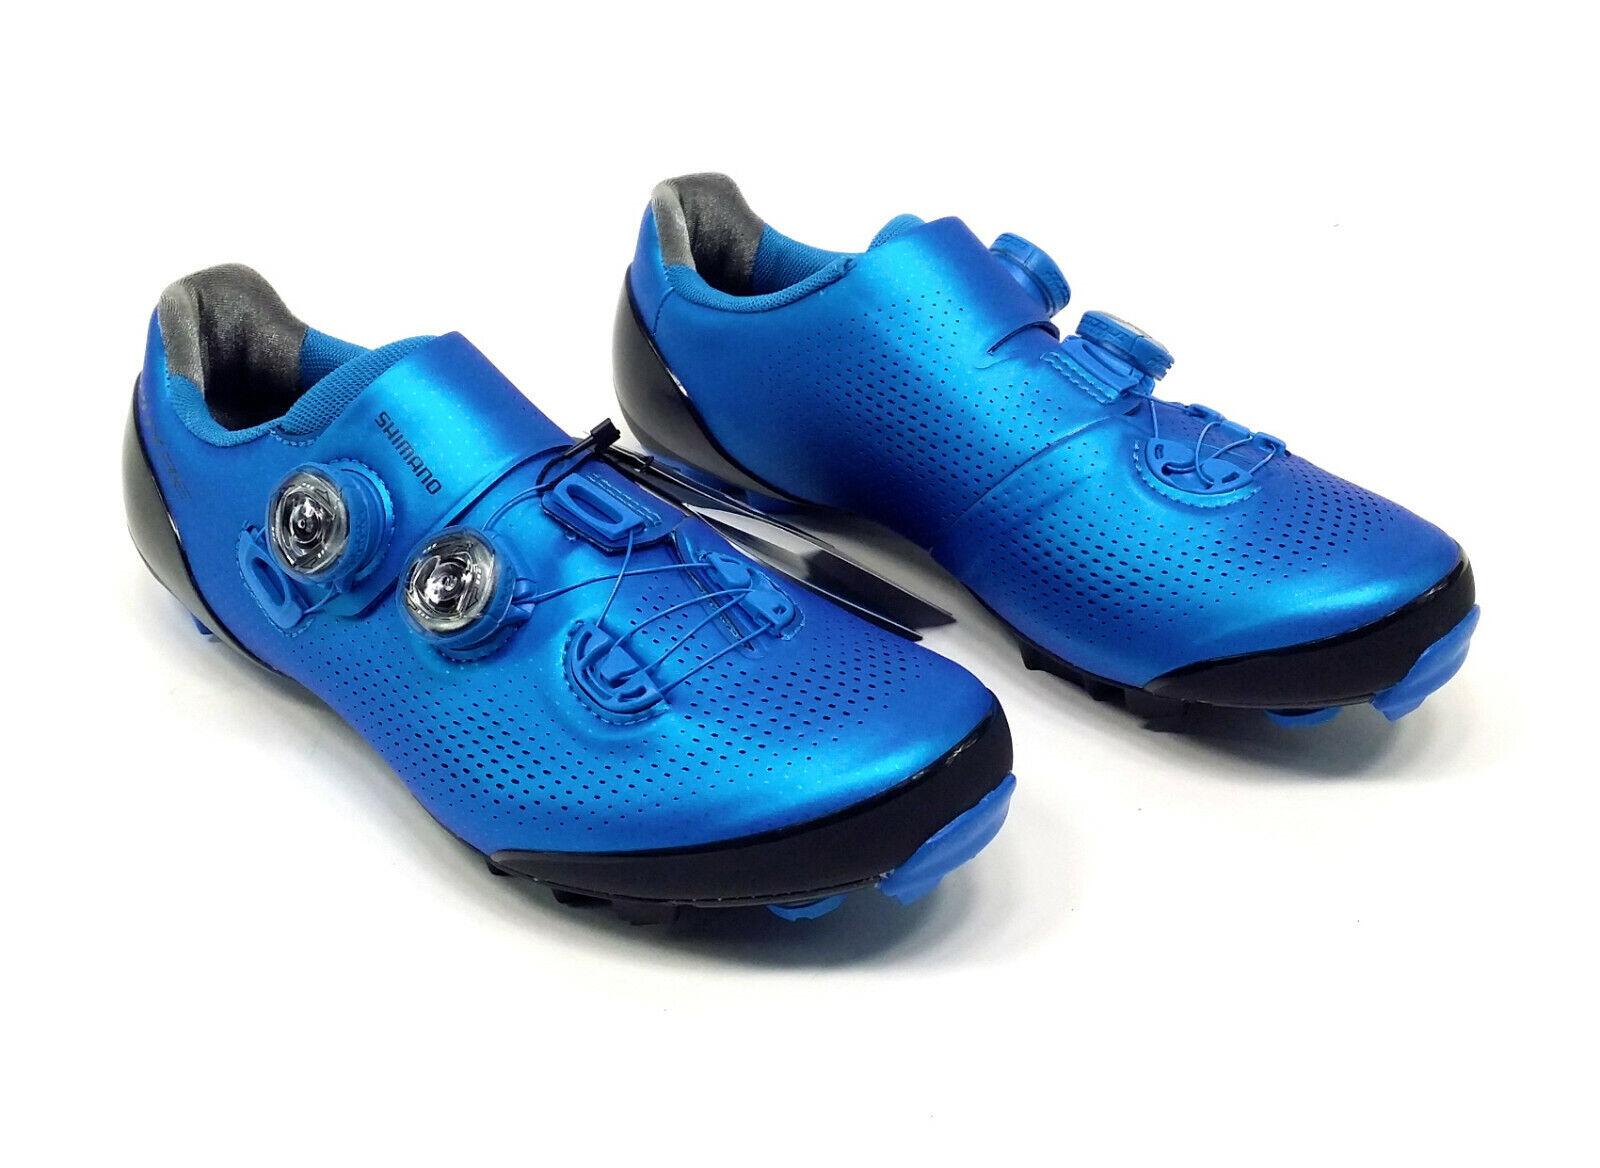 Shimano XC9 S-Phyre Zapatos de Bicicleta de montaña, Azul, US 7.6 UE 41